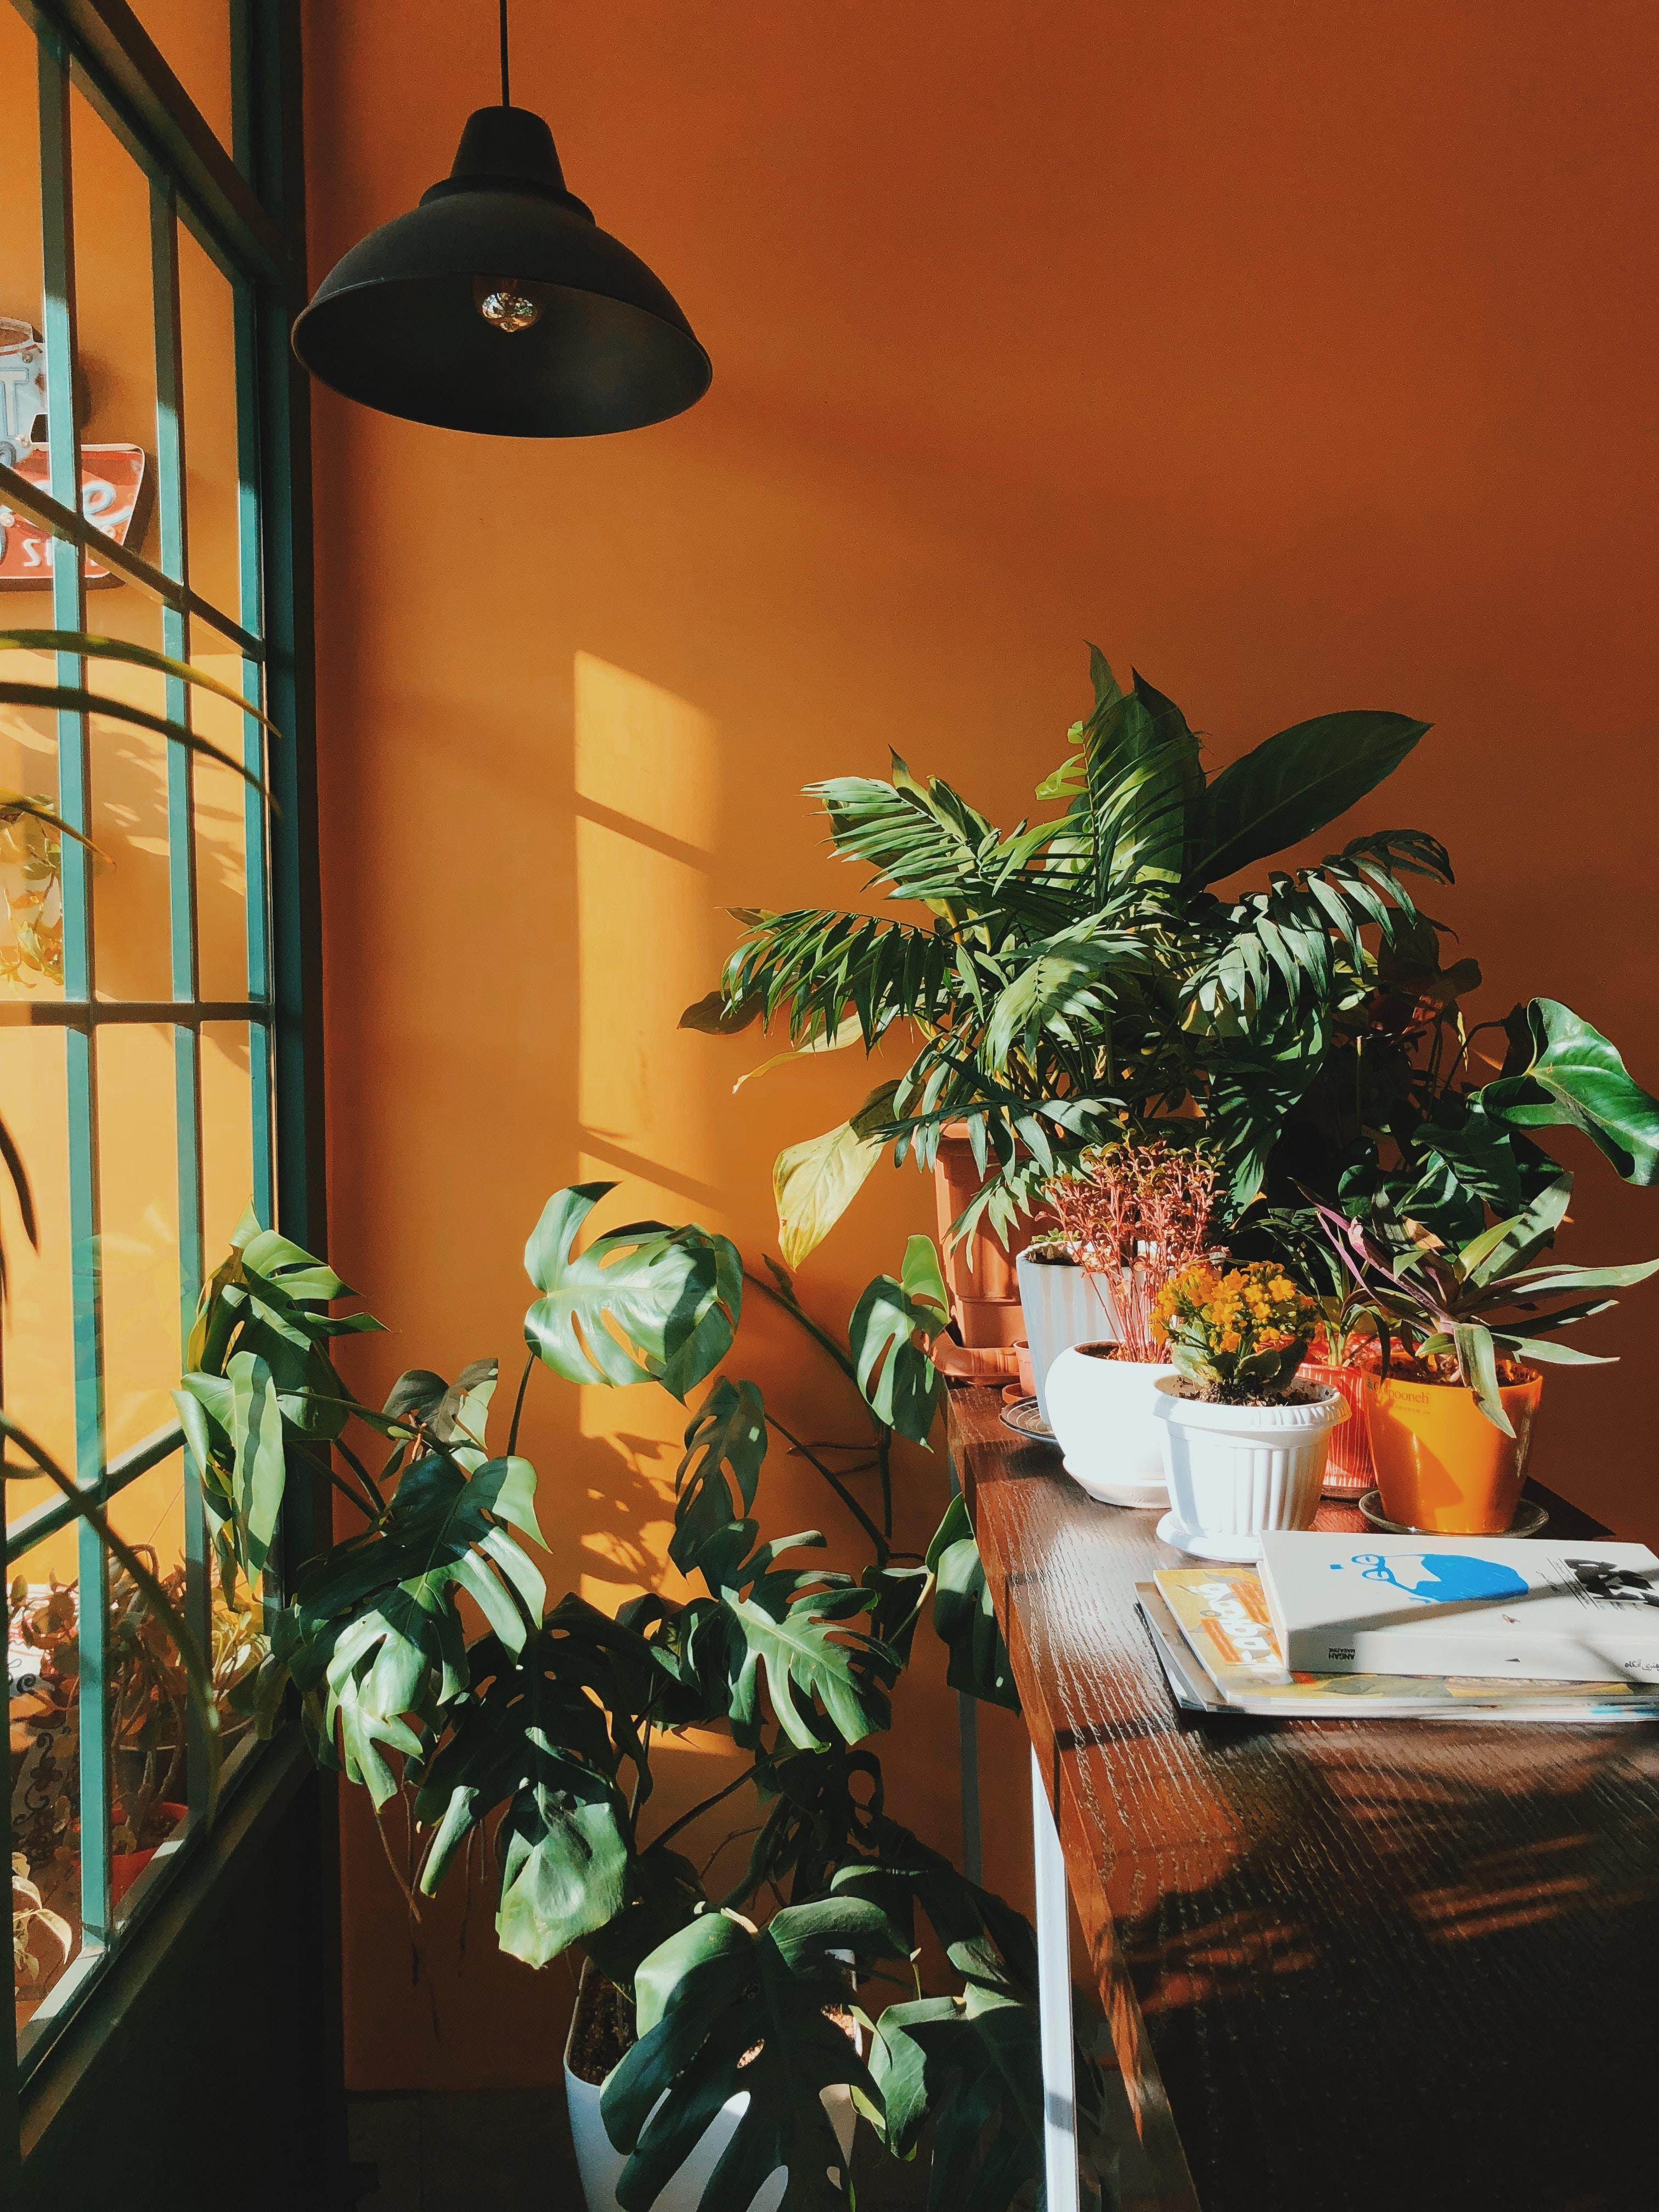 98569 скачать обои Разное, Комнатные, Декоративные, Растения, Комната, Полка, Оранжерея, Цветы - заставки и картинки бесплатно